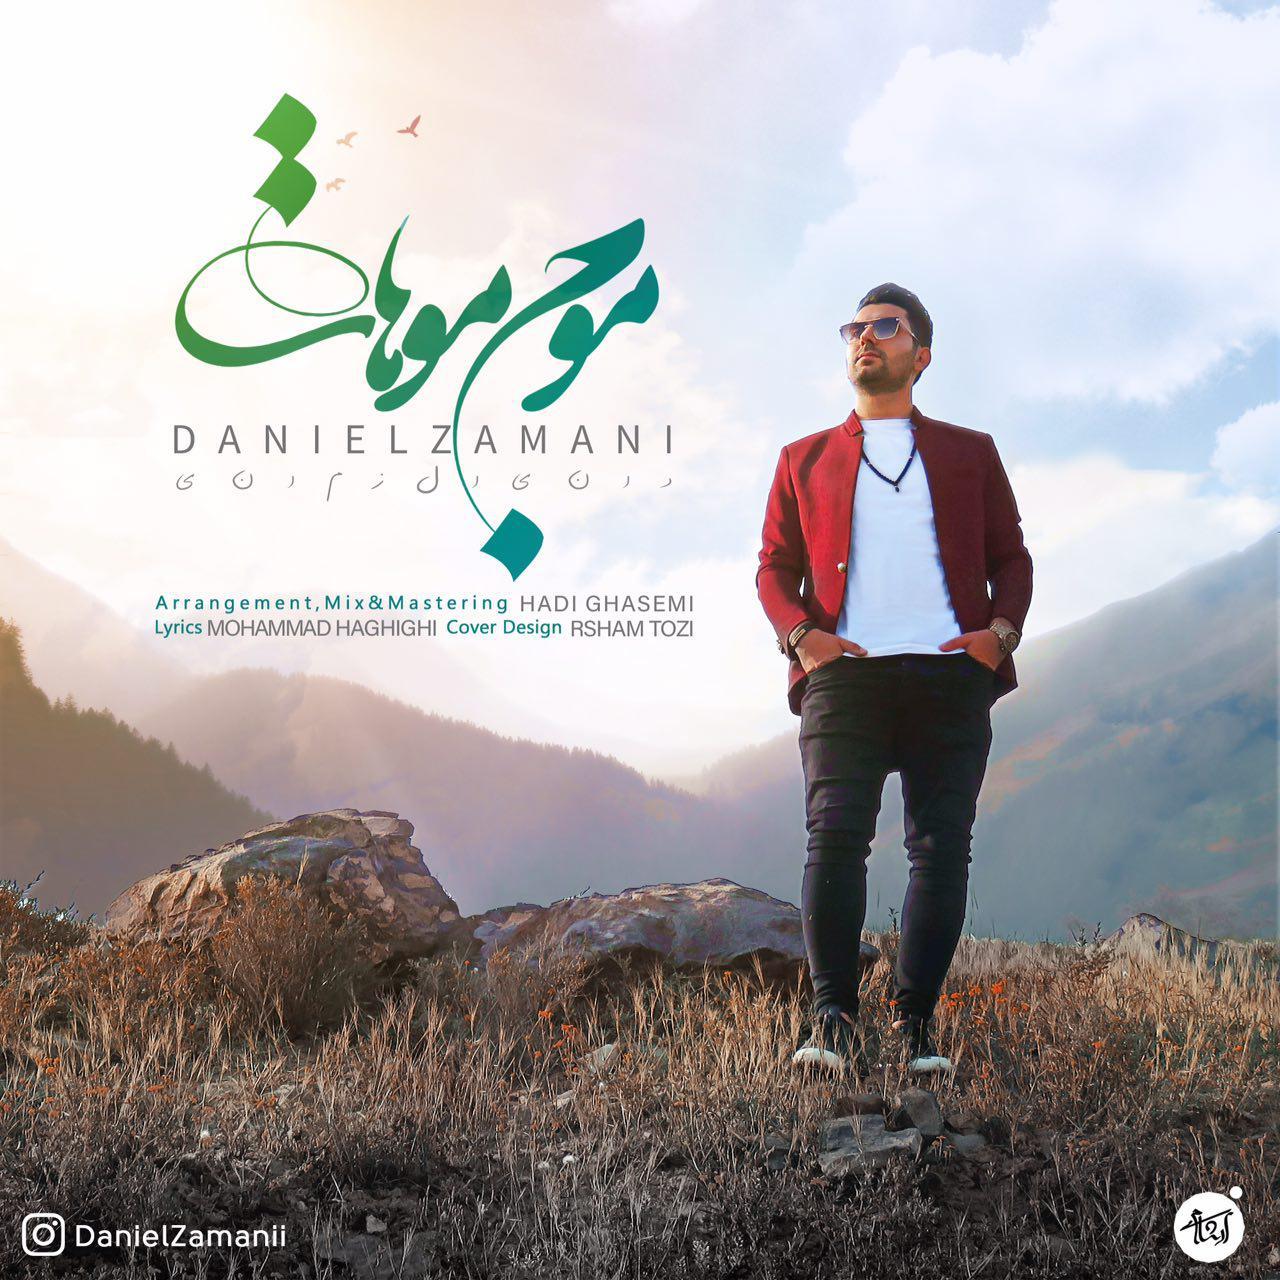 Daniel Zamani – Moje Mohat